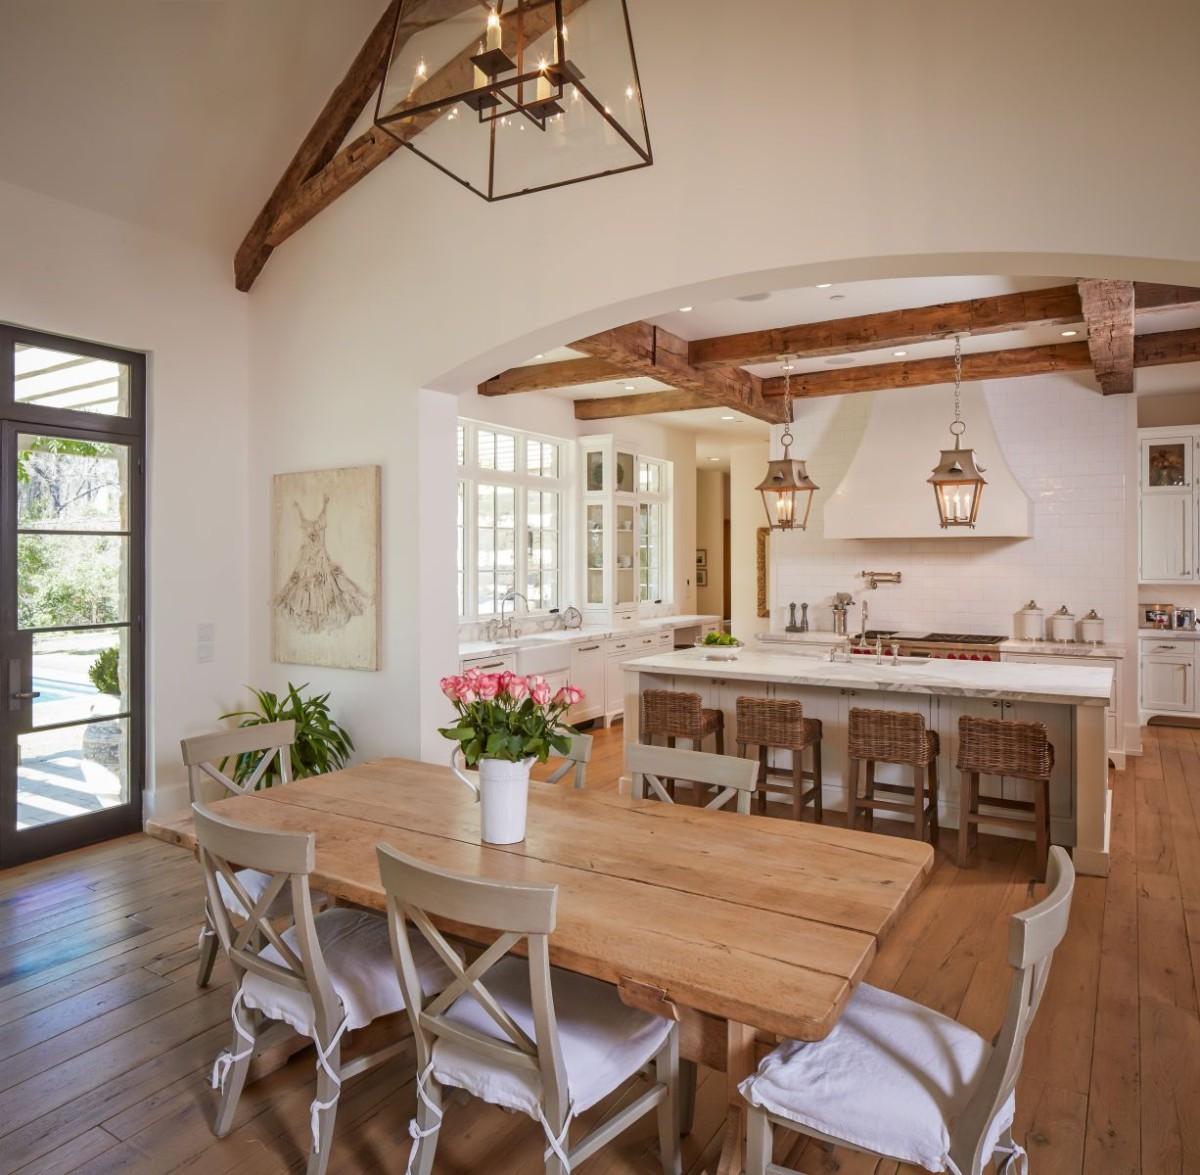 дизайн кухни гостиной в частном доме с высокими потолками